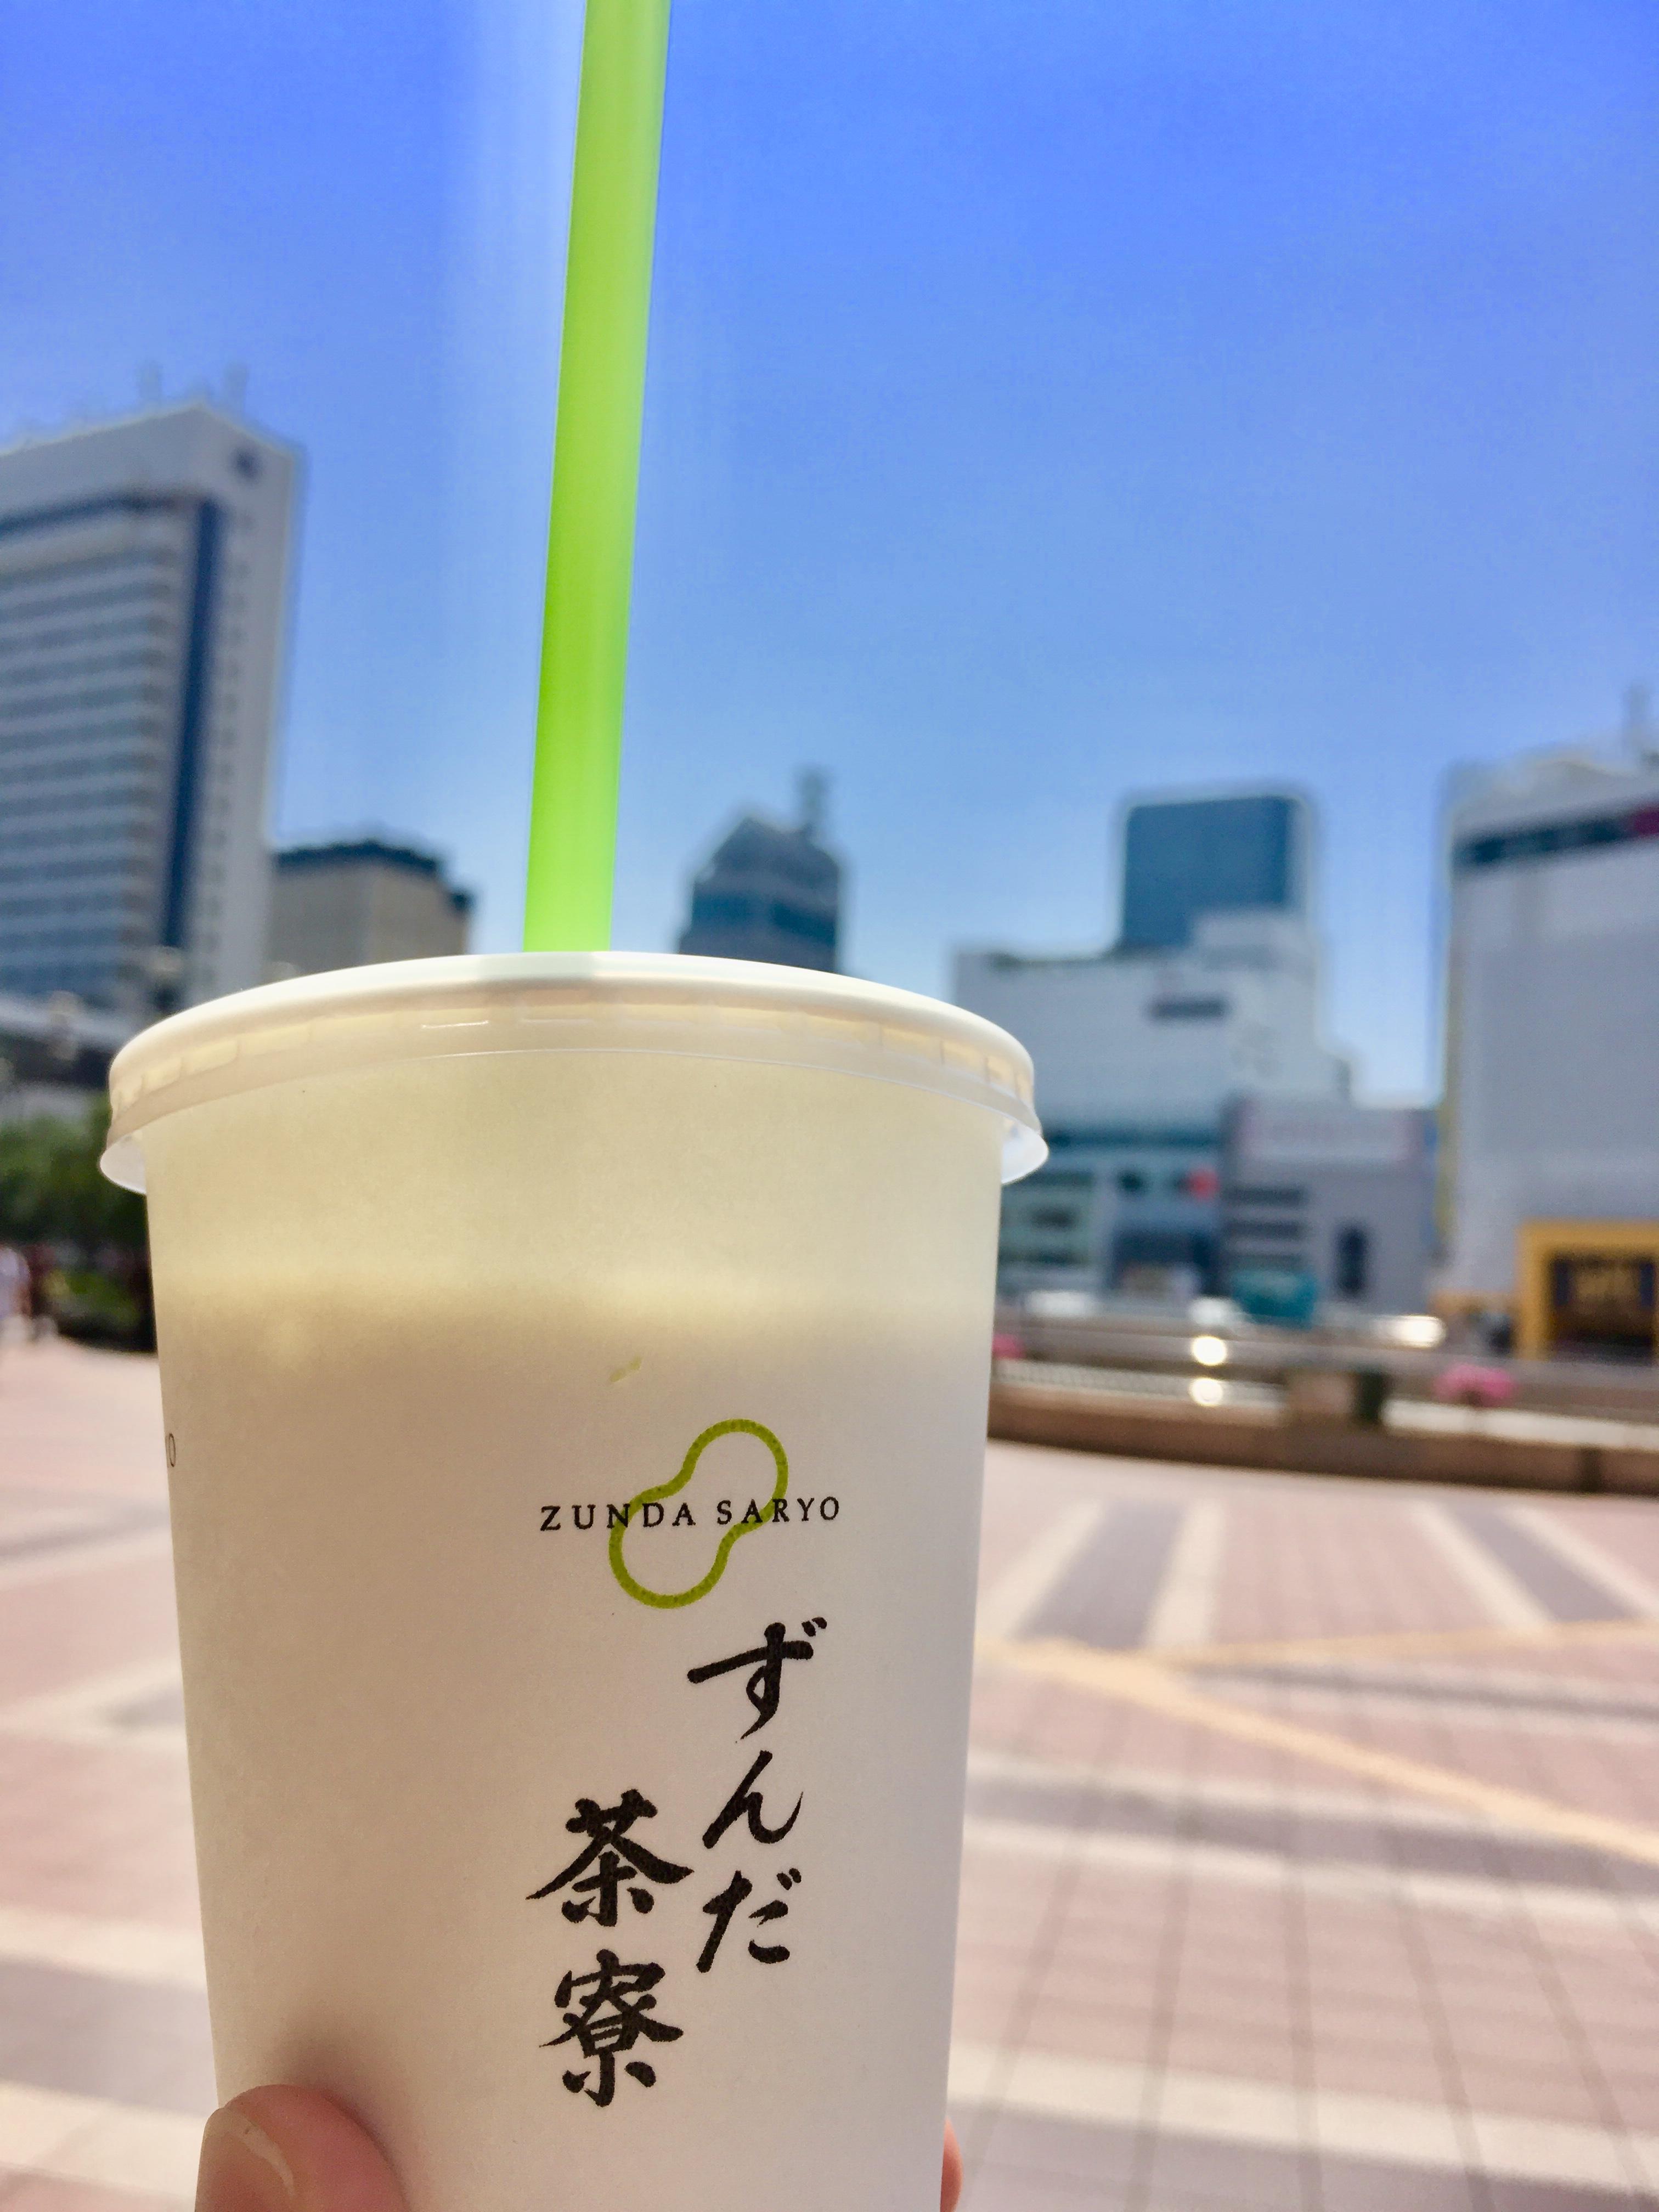 2019年8月3日の仙台 猛暑、七夕飾り、七夕関連イベントなど